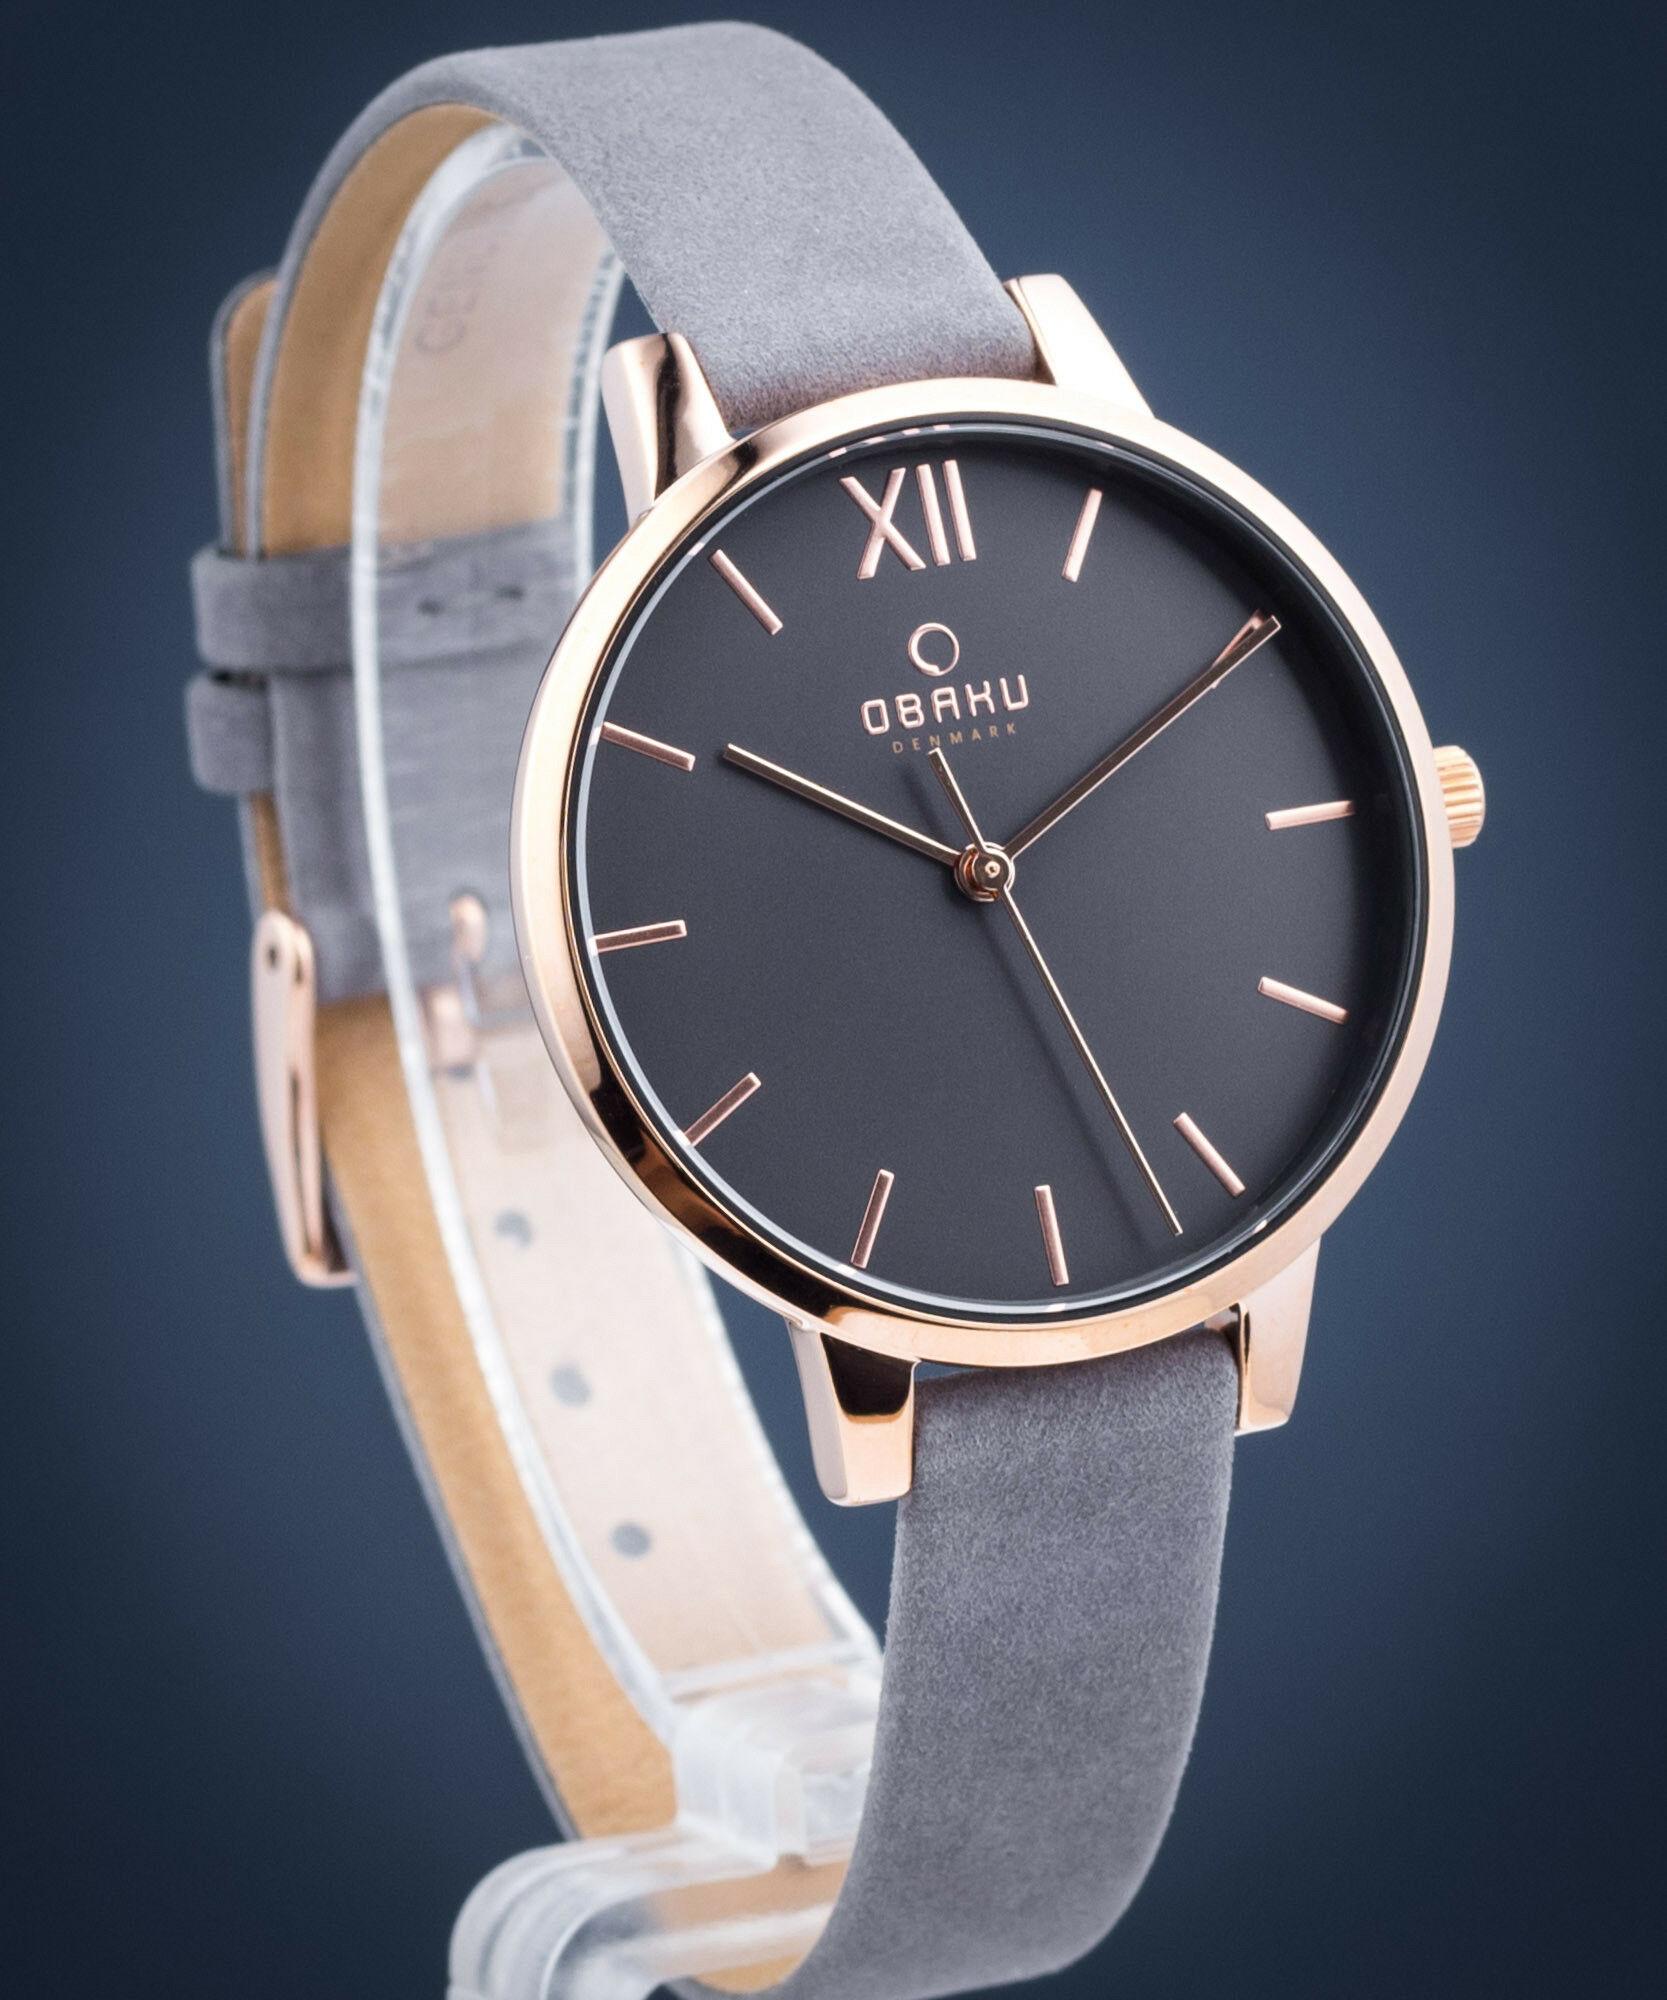 Zegarek Obaku Denmark V209LXVJRJ LIV - PEBBLE - CENA DO NEGOCJACJI - DOSTAWA DHL GRATIS, KUPUJ BEZ RYZYKA - 100 dni na zwrot, możliwość wygrawerowania dowolnego tekstu.